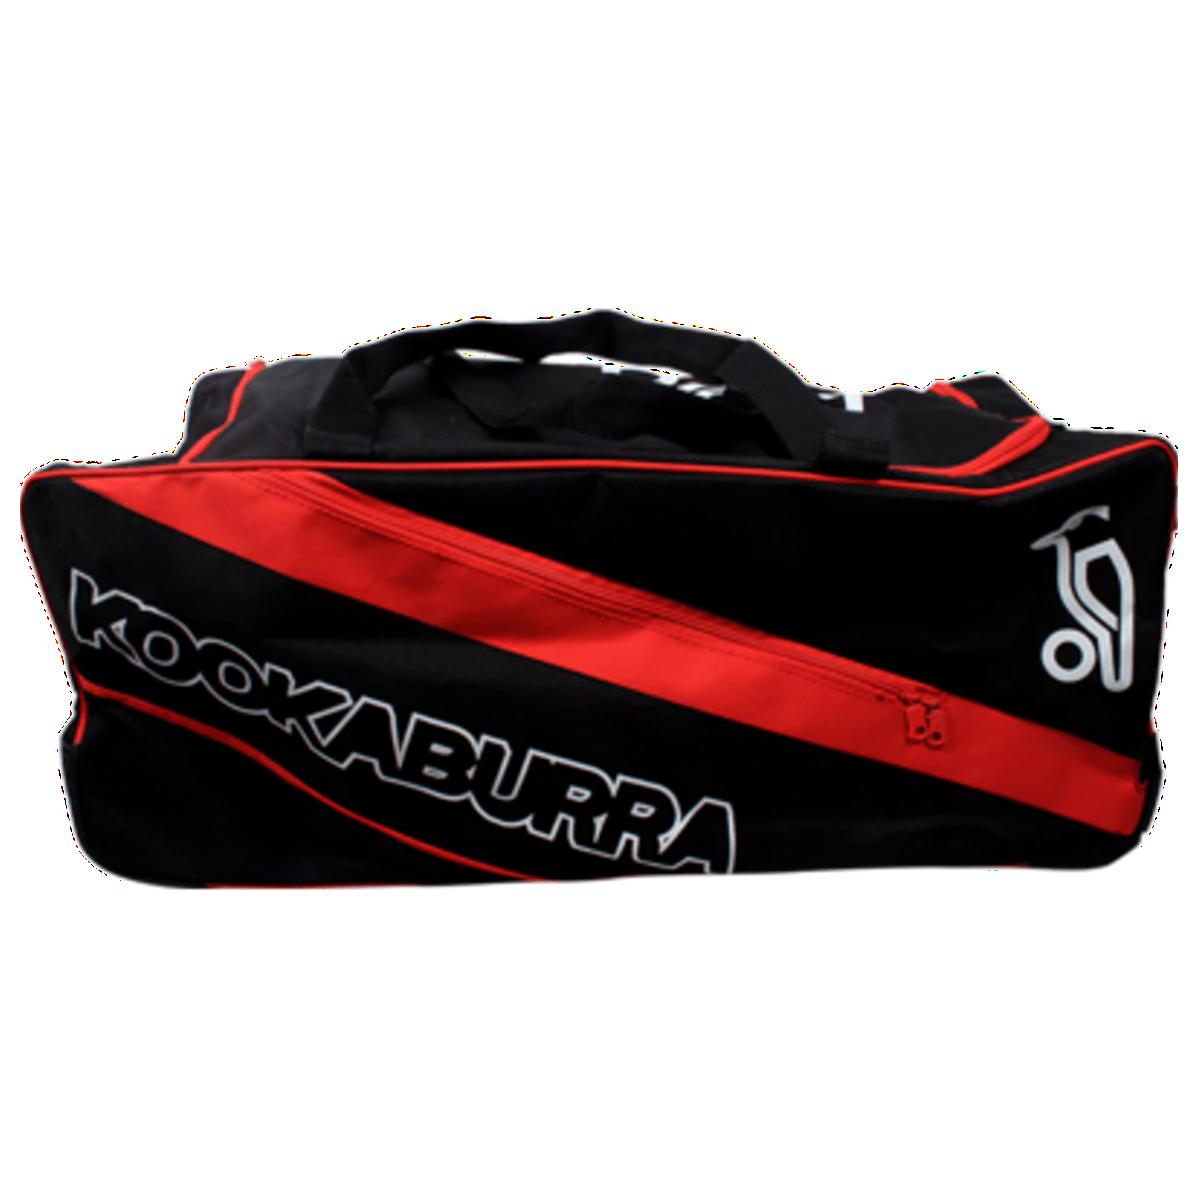 Kookaburra Pro Wheelie Kit Bag